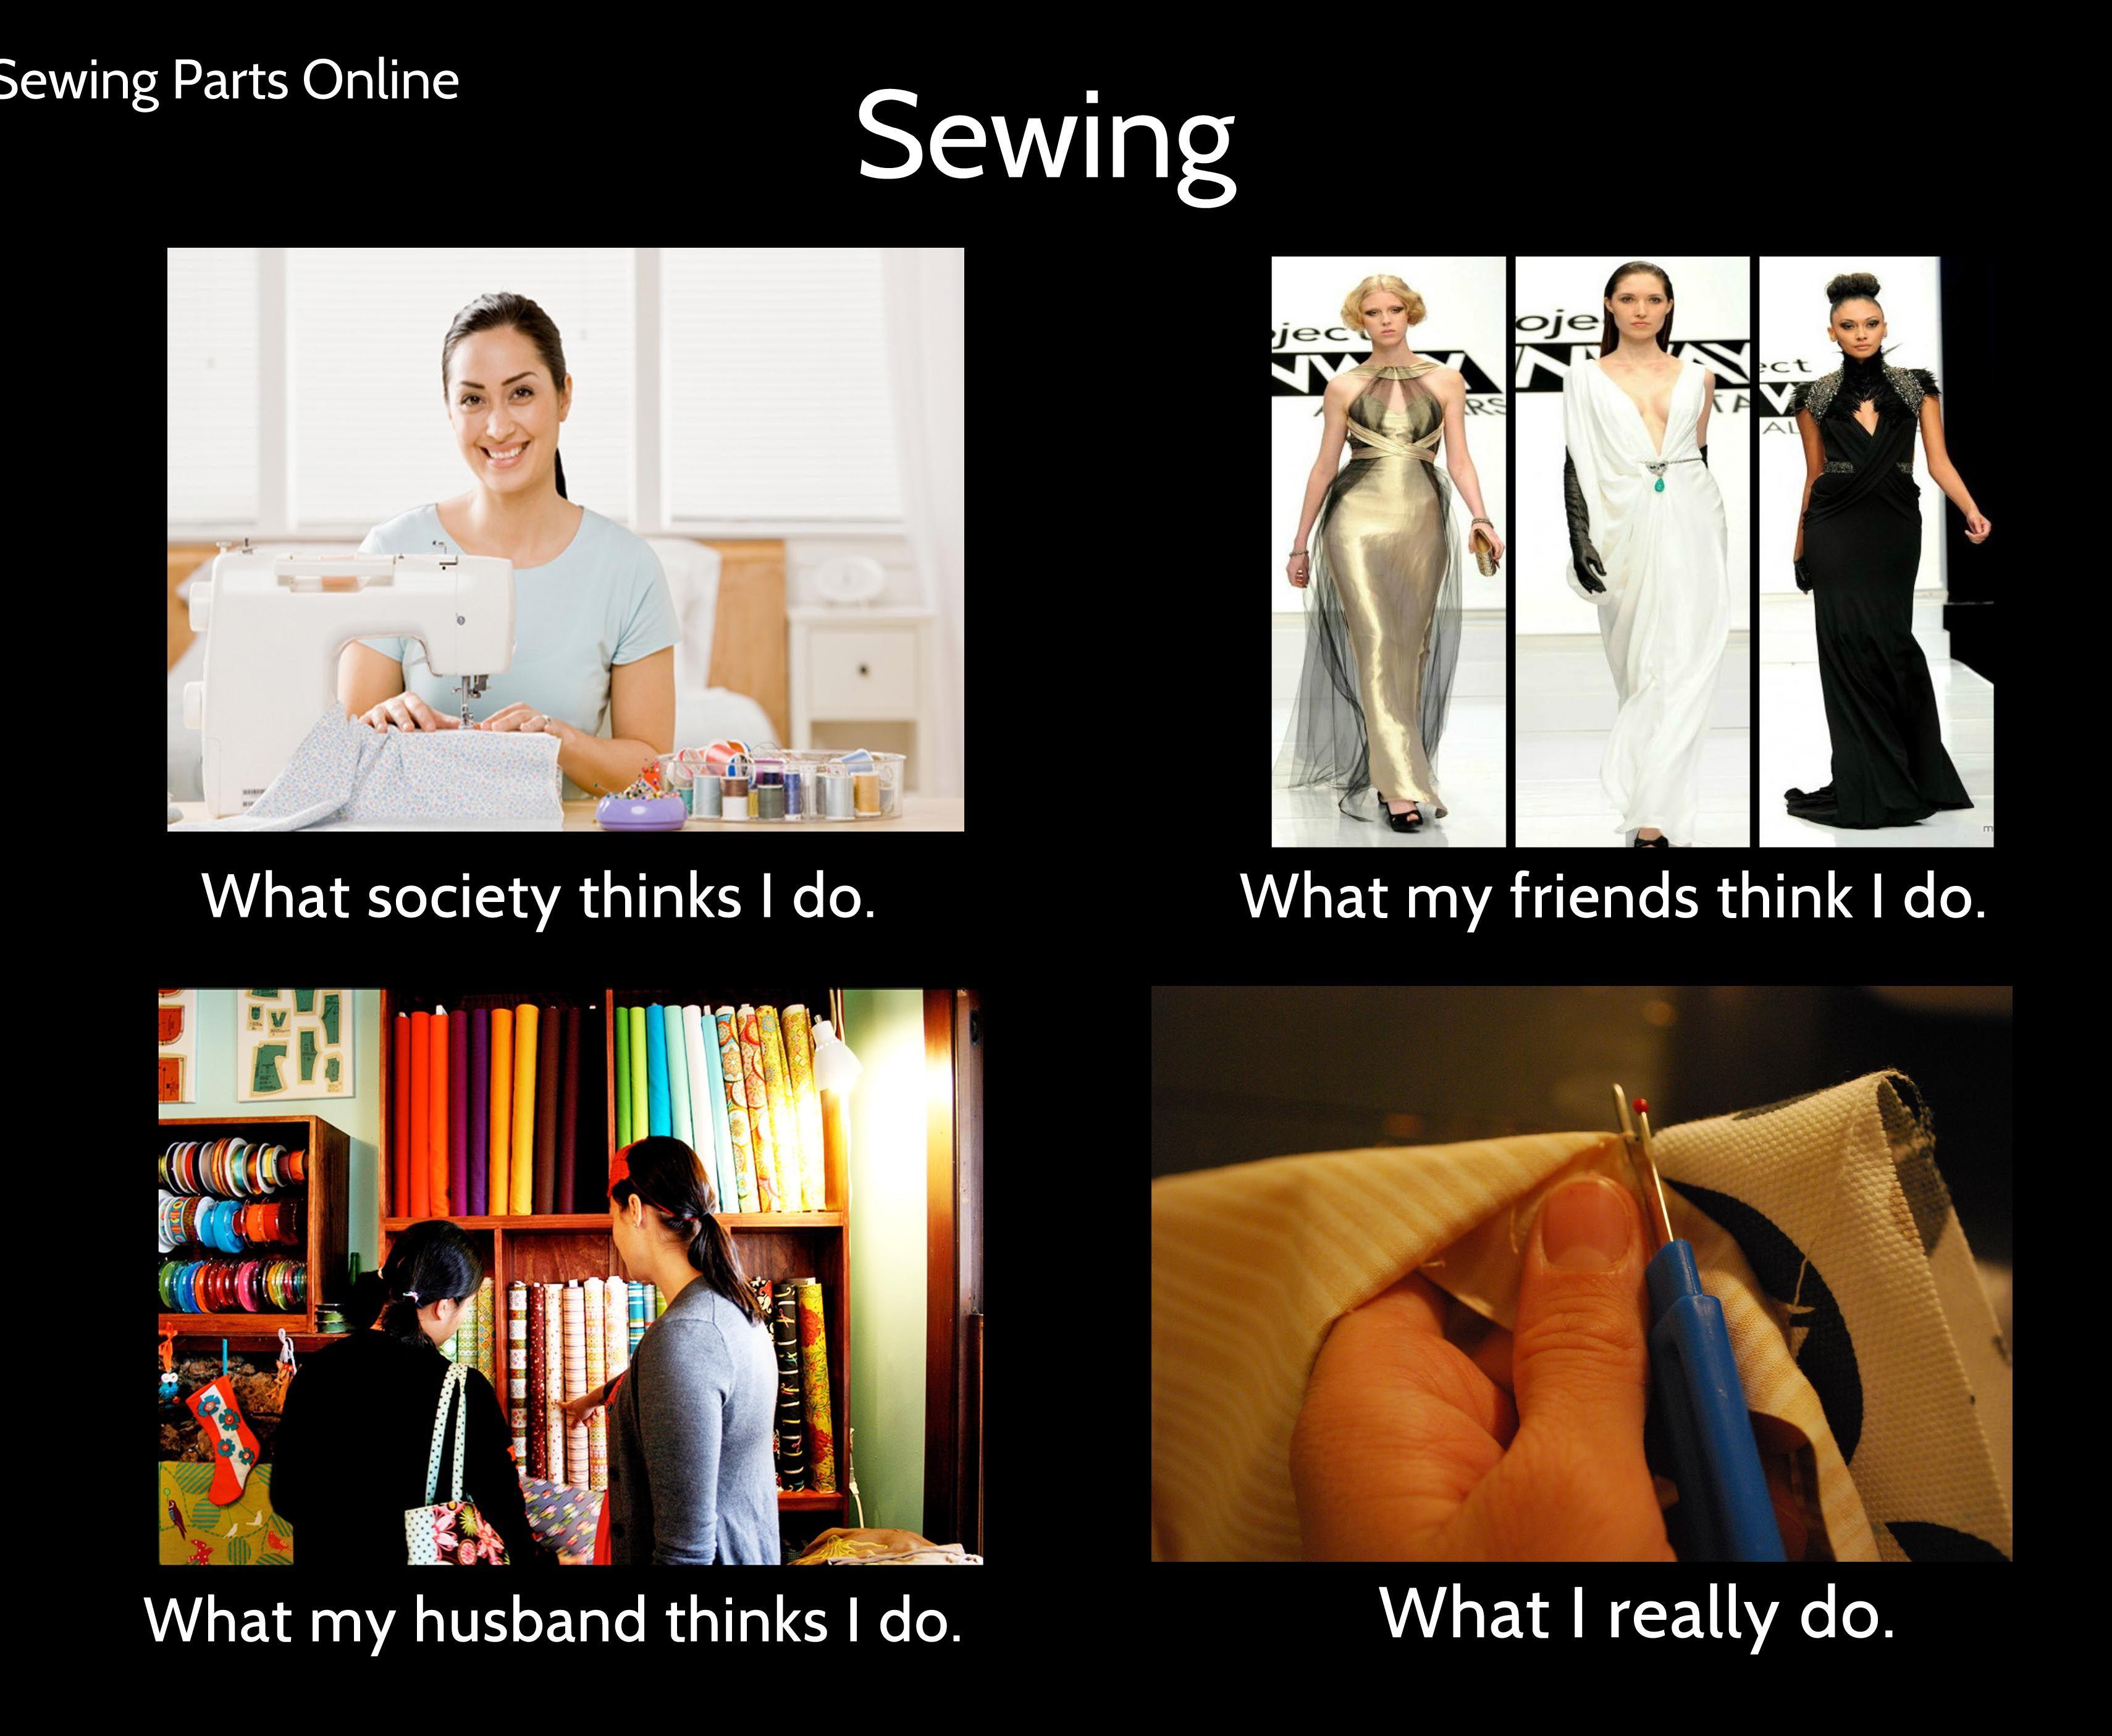 6b0ea70fd442e6beee5c1354ab34ea31 pin by kate martian on sewing pinterest meme, sewing humor and humor